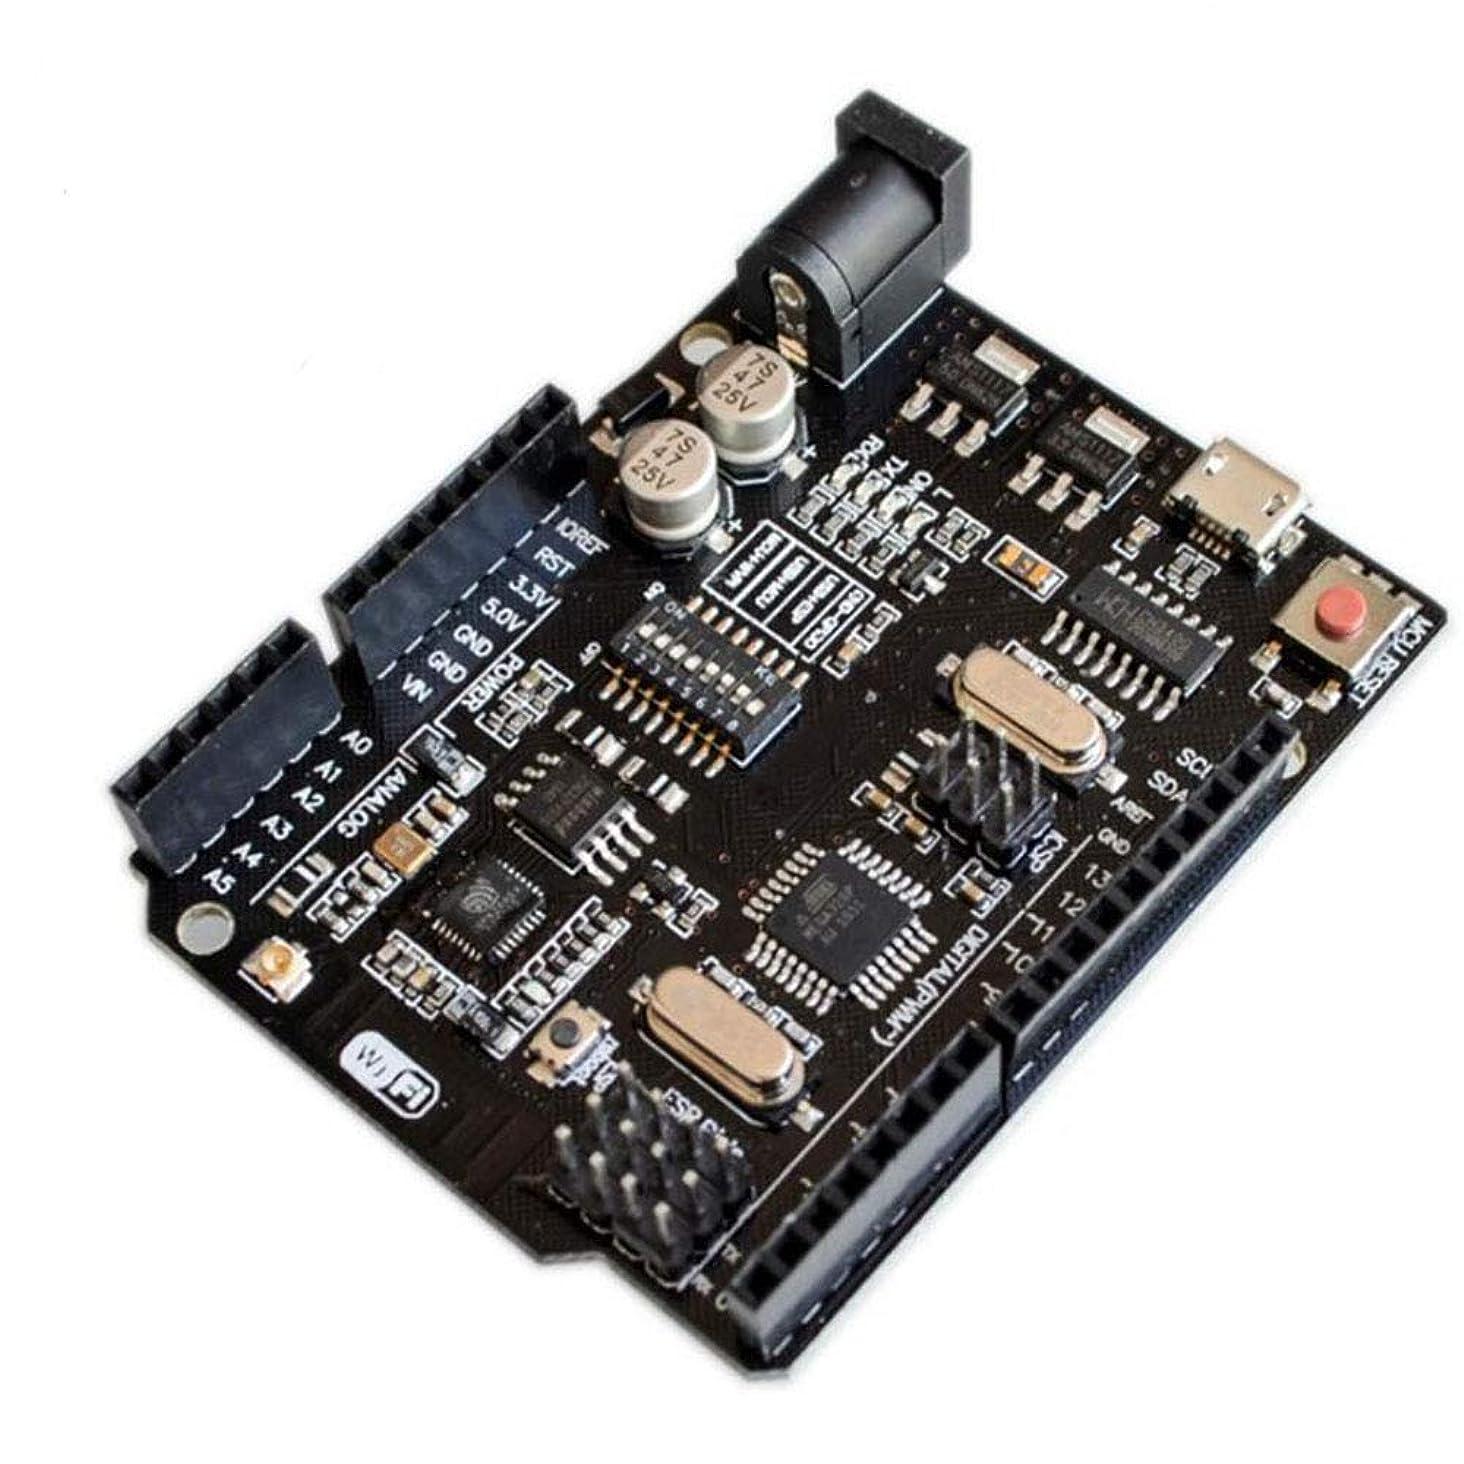 吹きさらしトンネル組み合わせCalloy ATmega328P + ESP8266 R3 ボード32mb のメモリ USB-TTL CH340G の互換性 Arduino 宇野 + 無線 収納ボックス付き